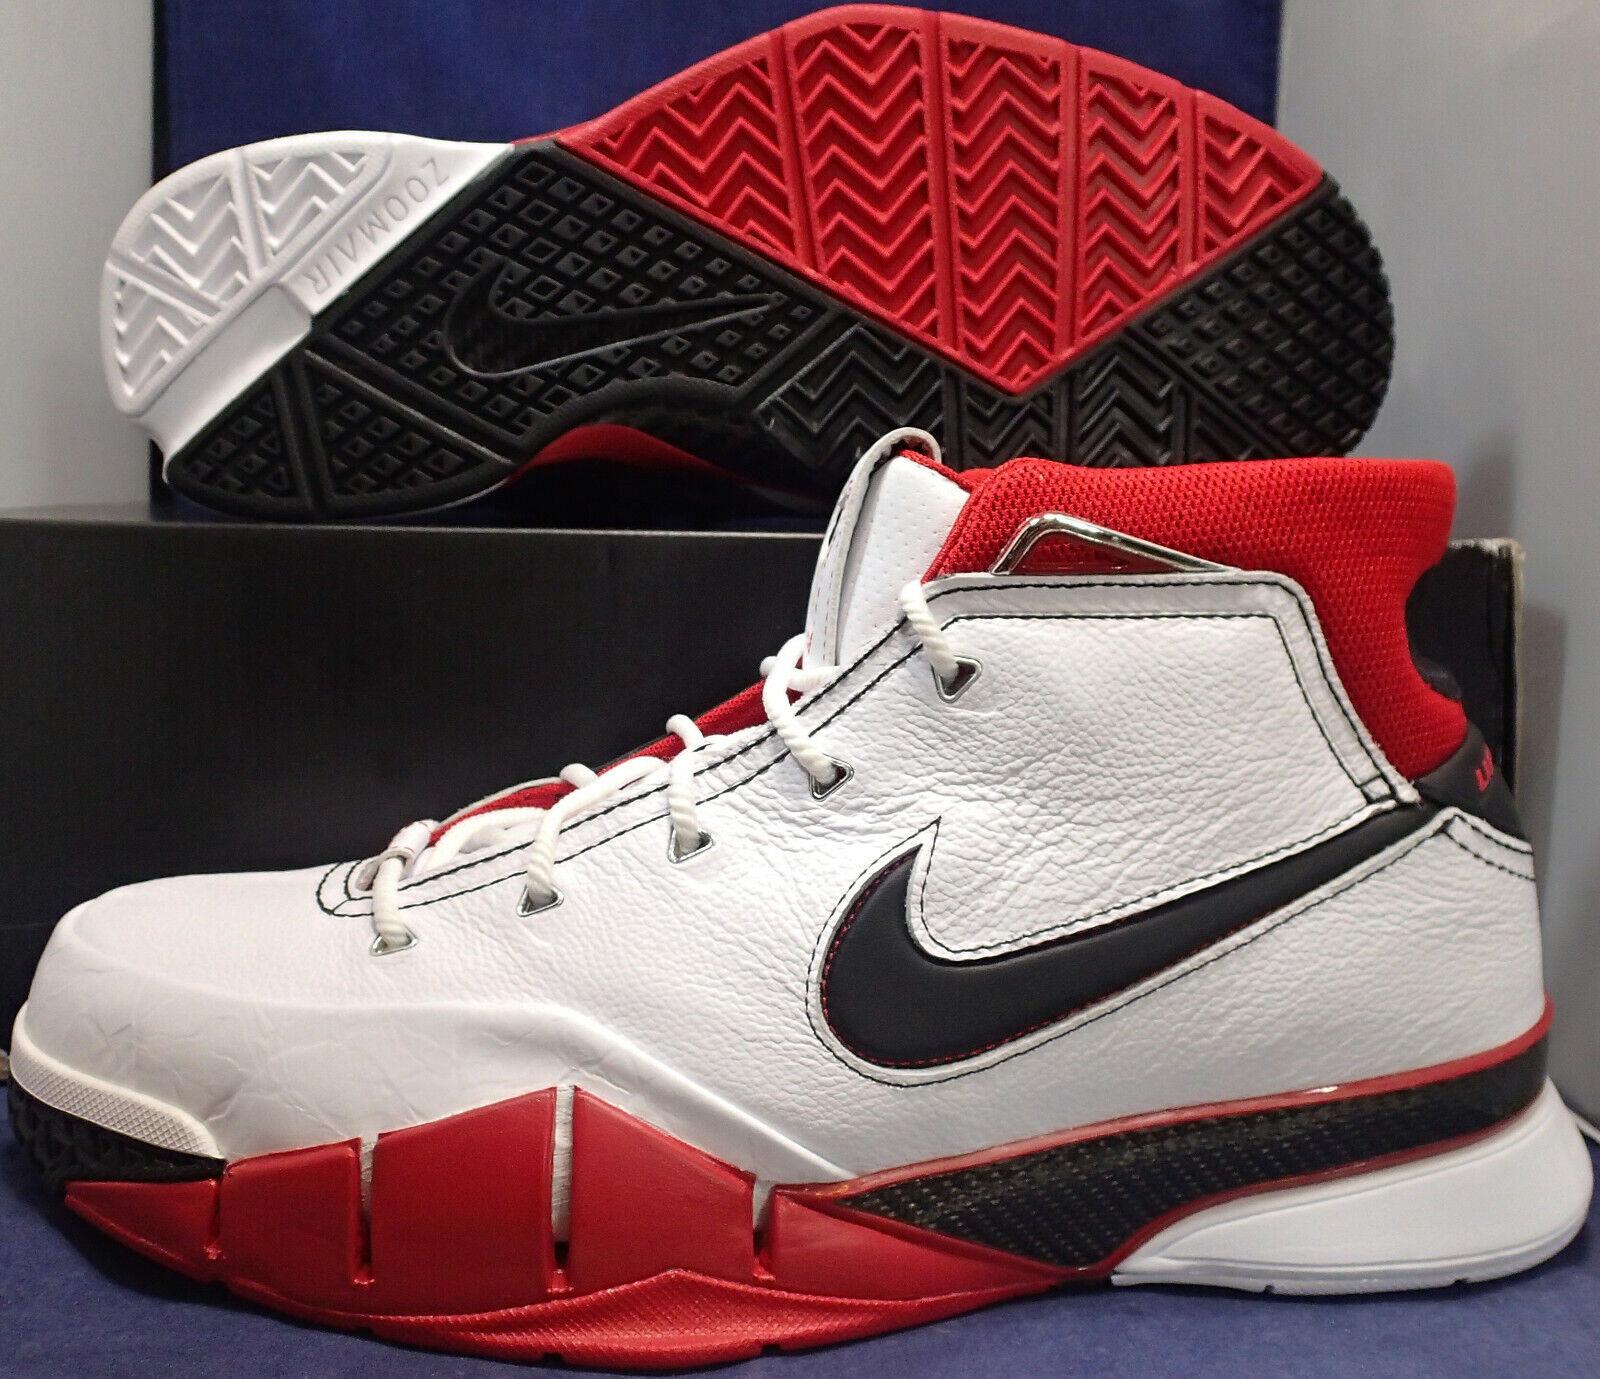 Nike Kobe 1 Protro All Star Weiß Schwarz Rot Sz-10.5 (AQ2728-102)